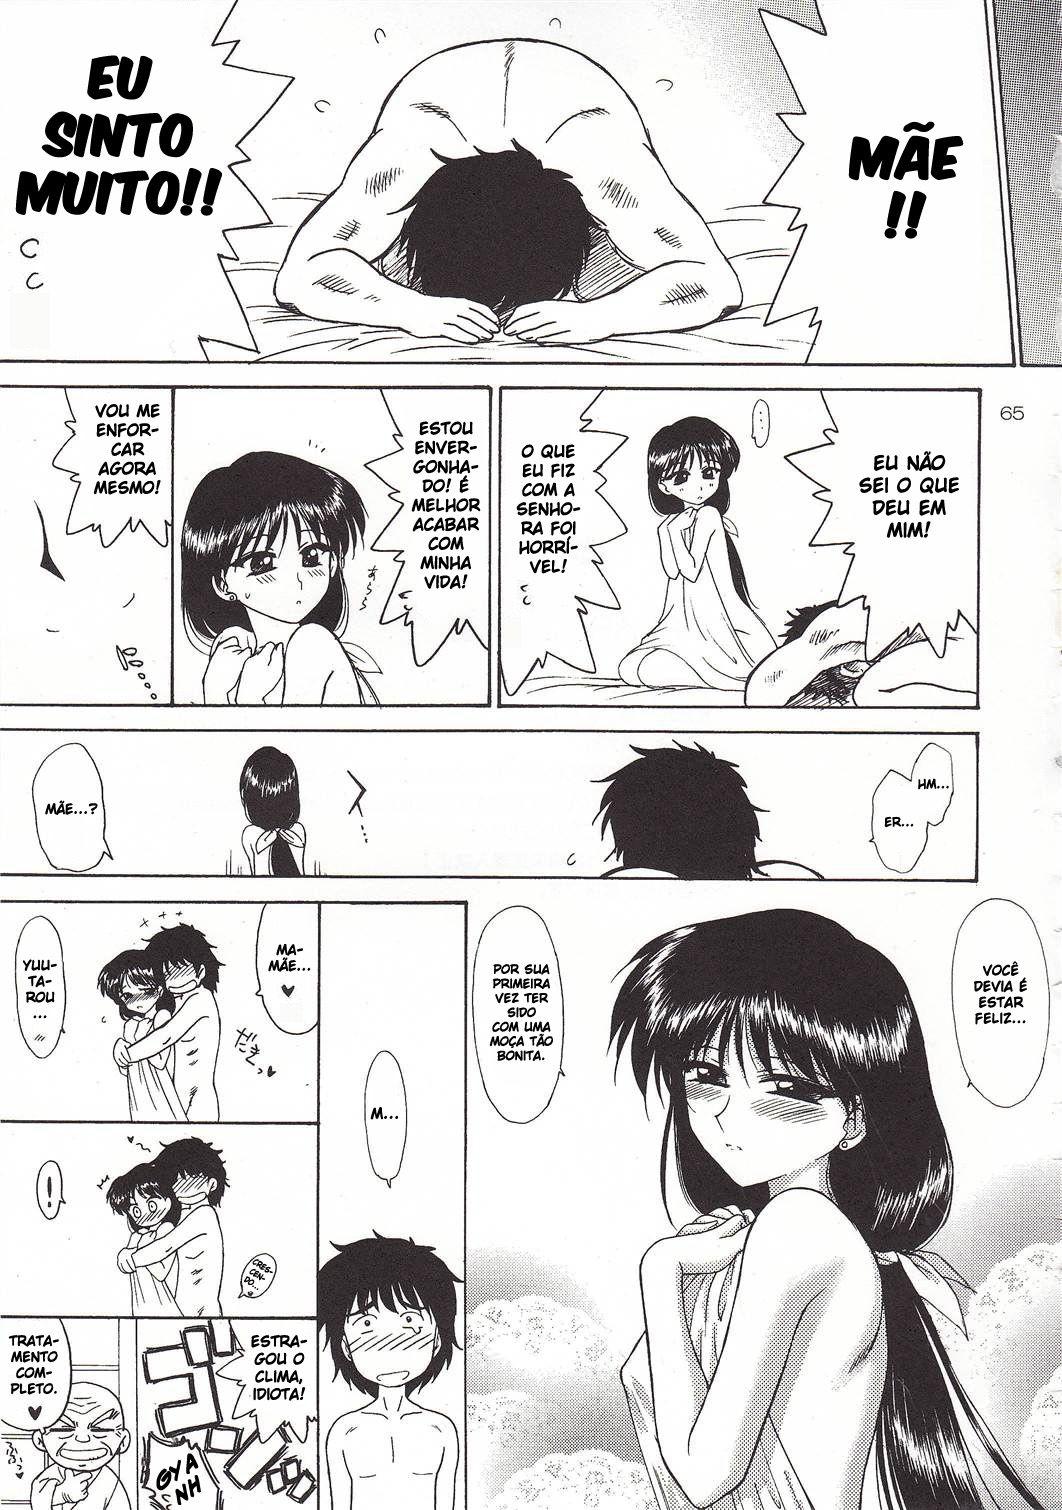 A cerimônia de Sailor Marte 02